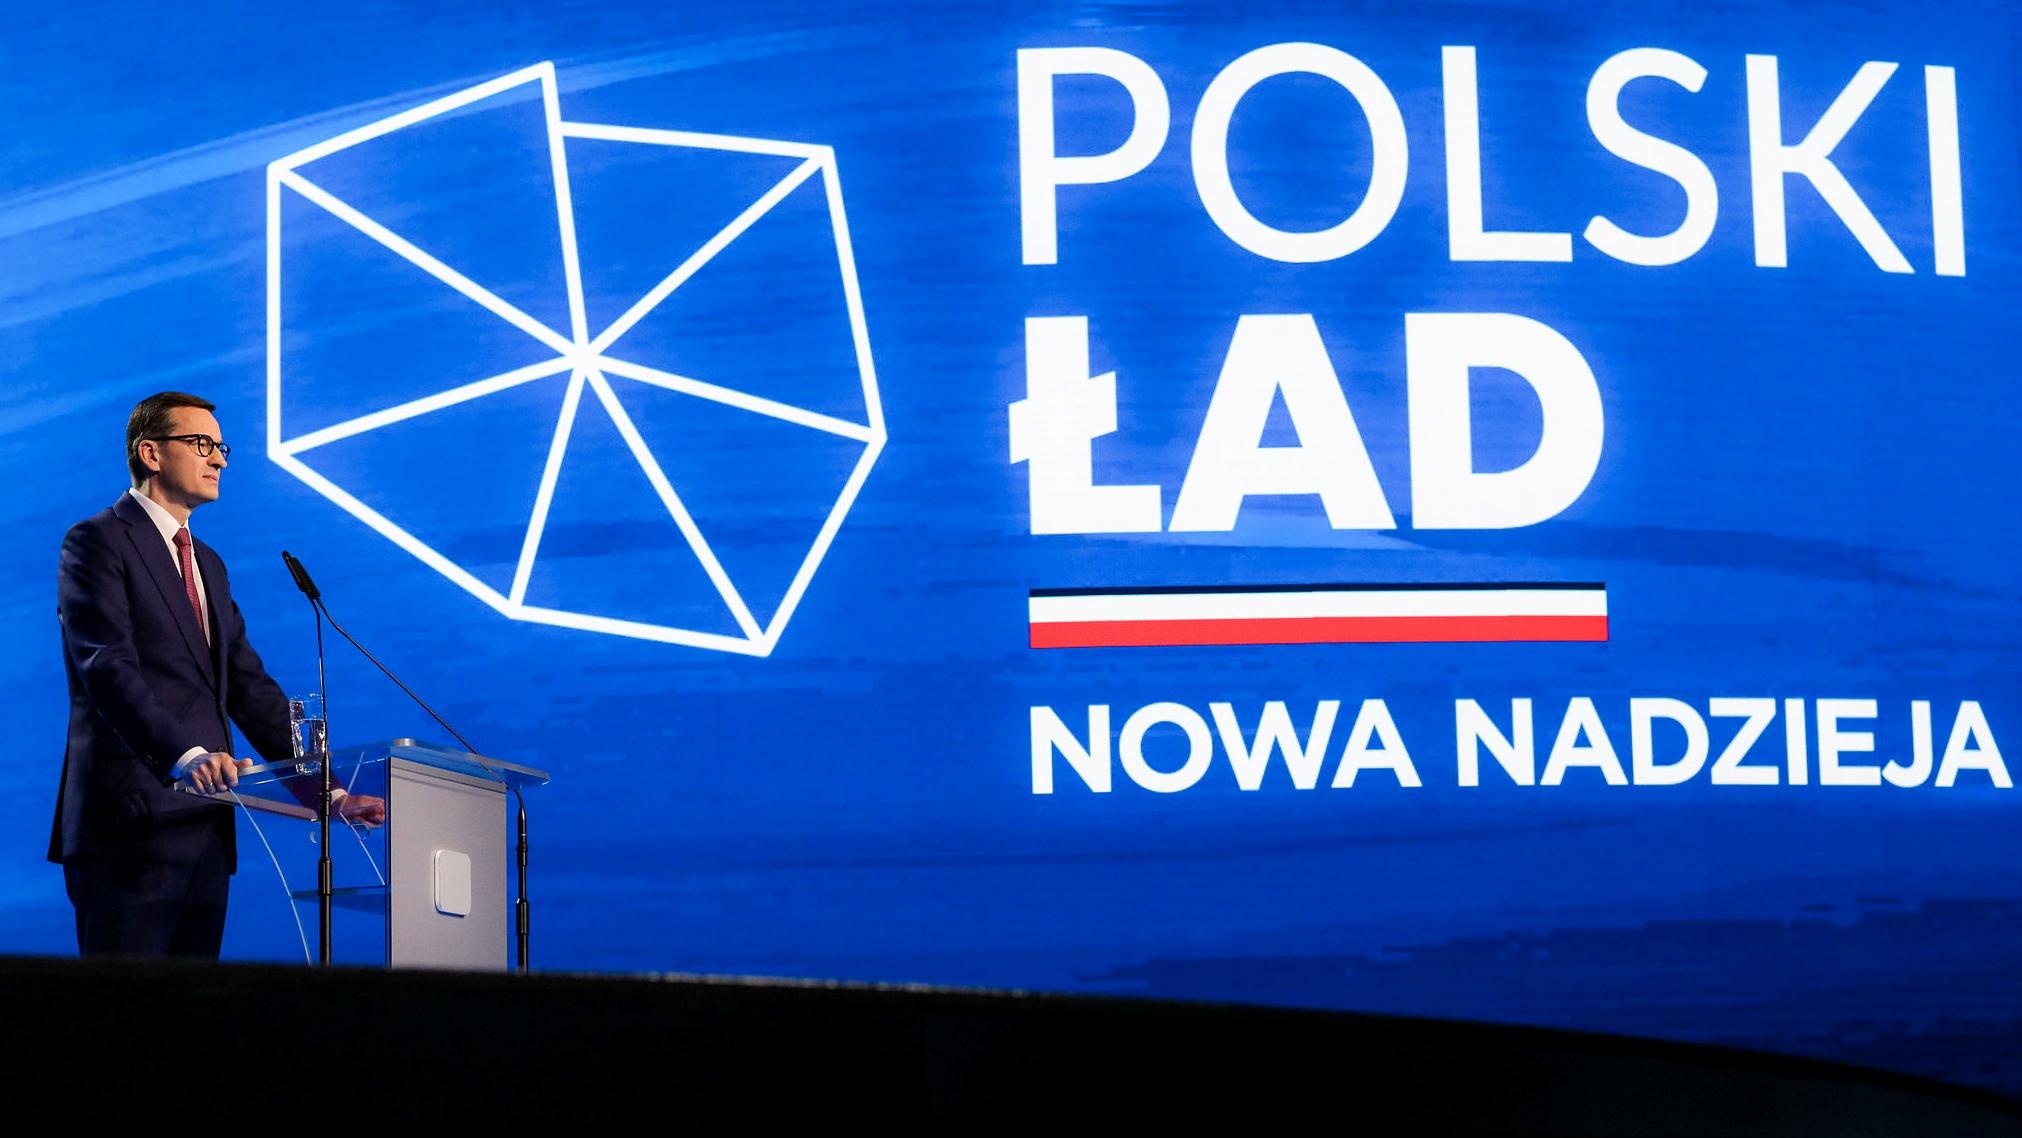 Większość Polaków twierdzi, że straci na Polskim Ładzie. Oto najnowszy sondaż